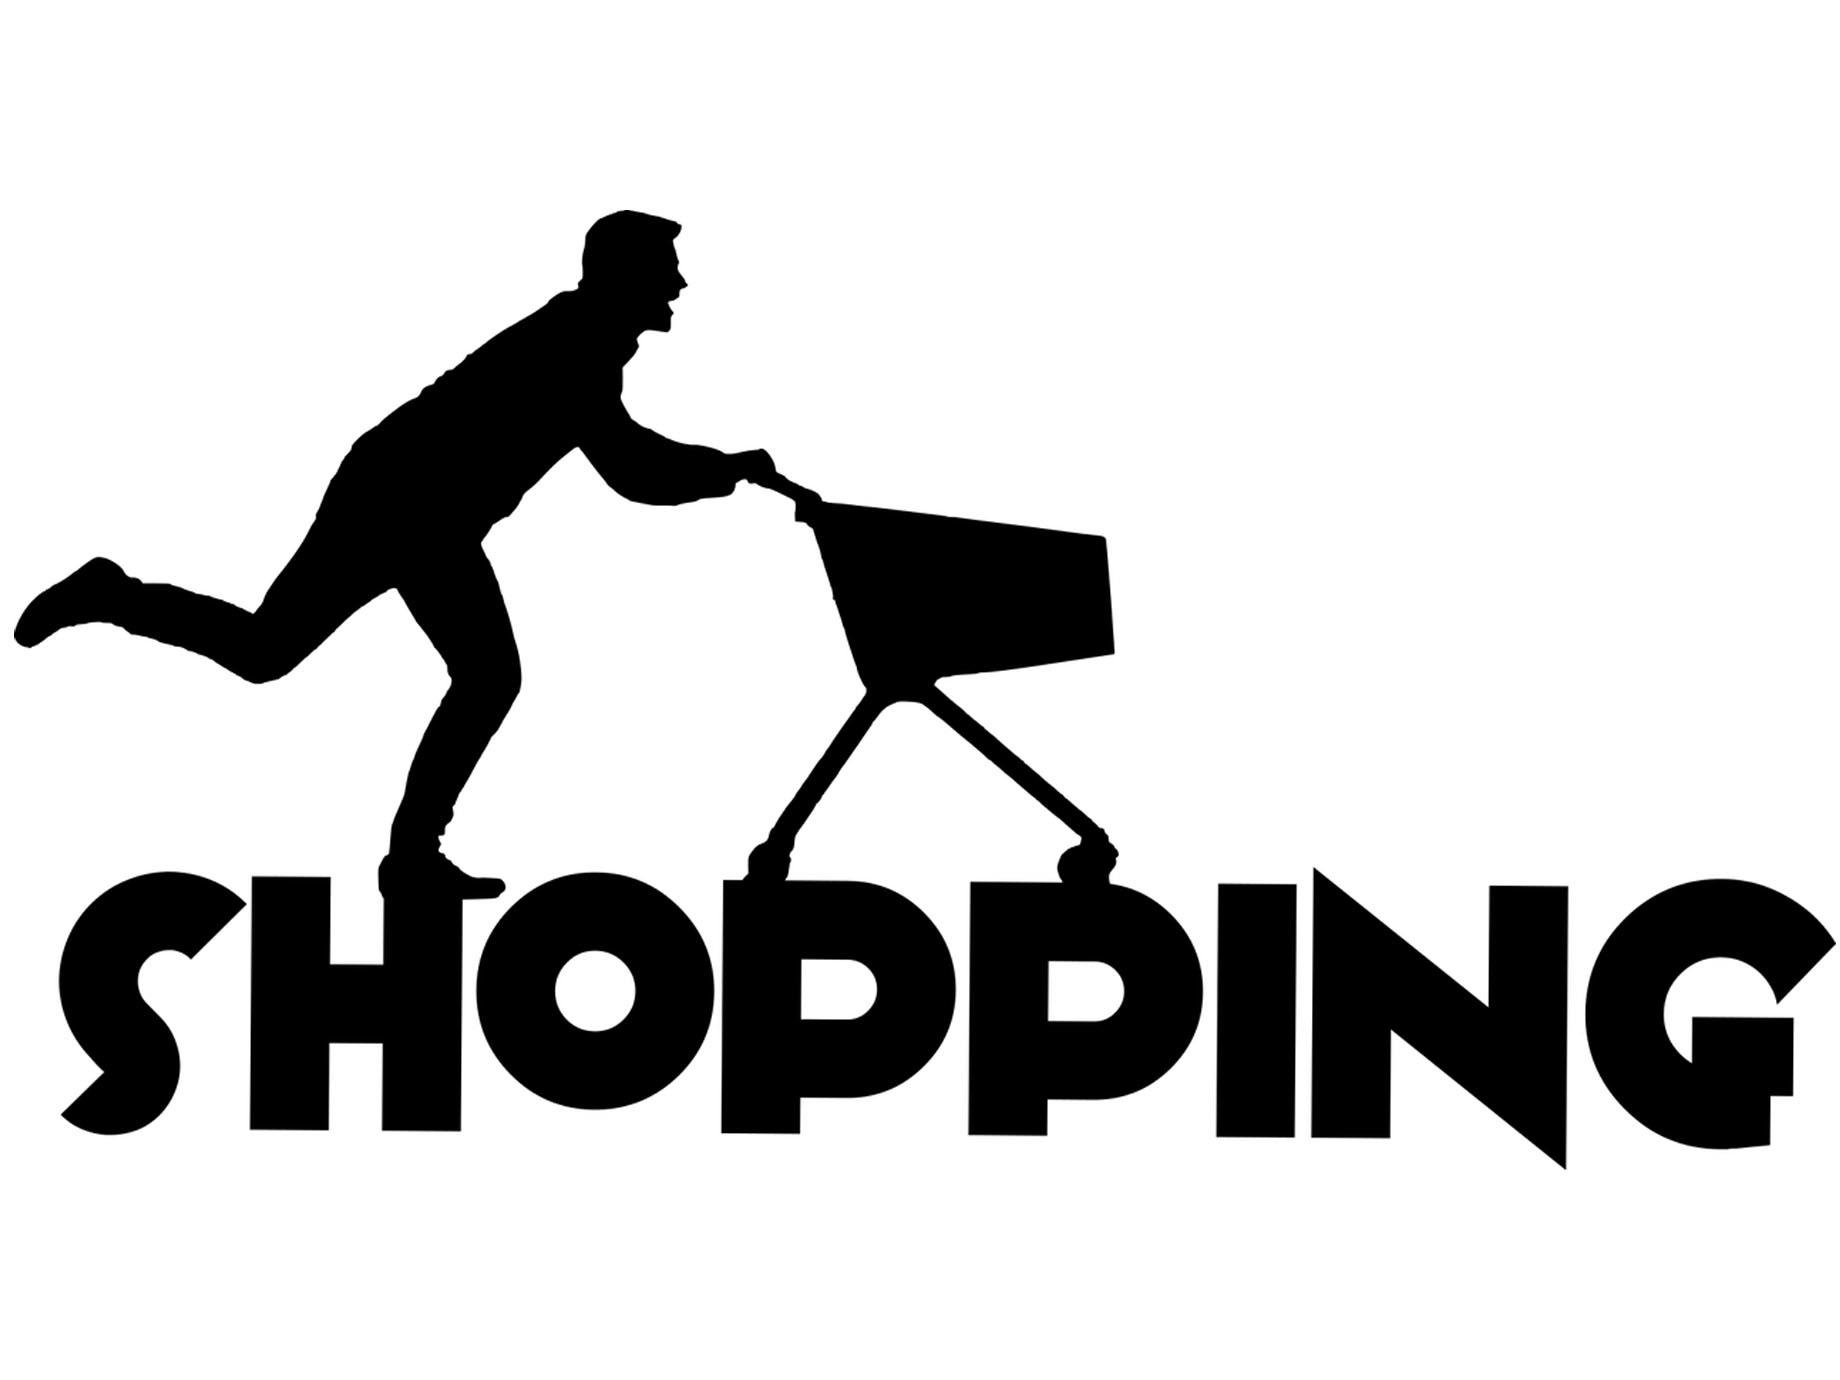 總在「購物車掉單」?連成長駭客教父都讚嘆的6大行銷眉角,讓你轉單率從0到1!